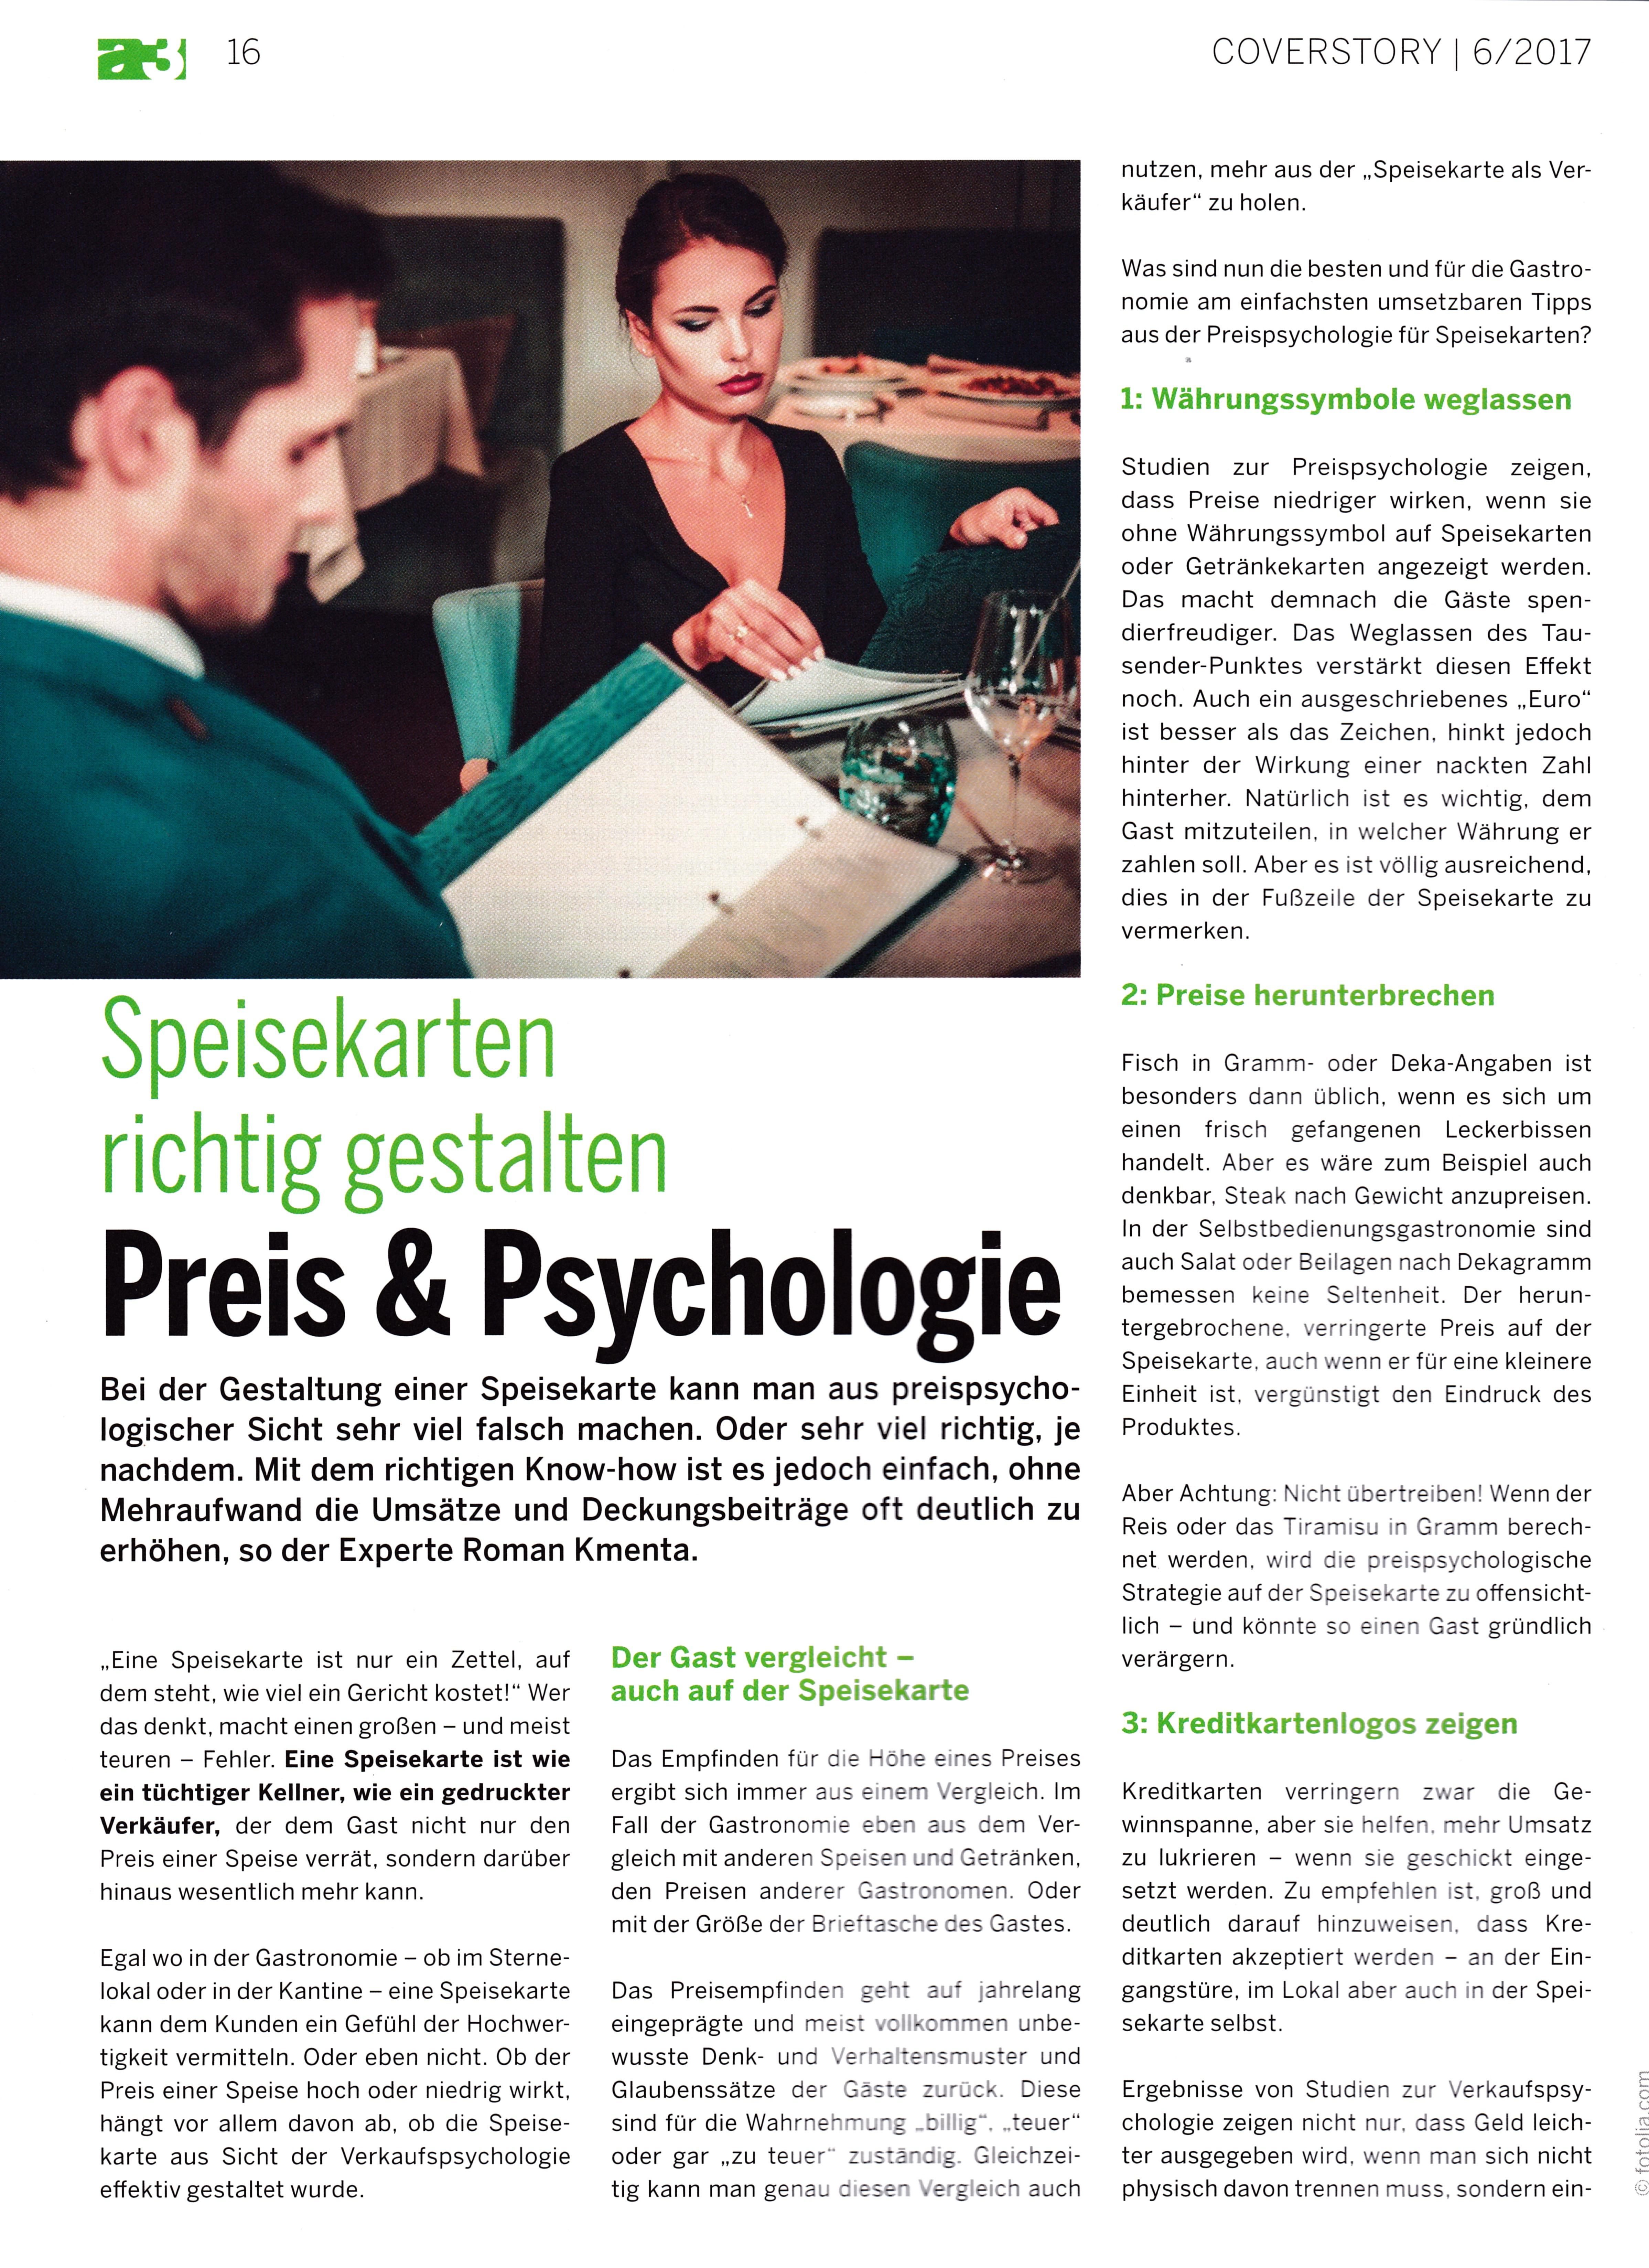 a3 Gast 6_2017 1 - Roman Kmenta - Experte für Preispsychologie, Berater und Trainer